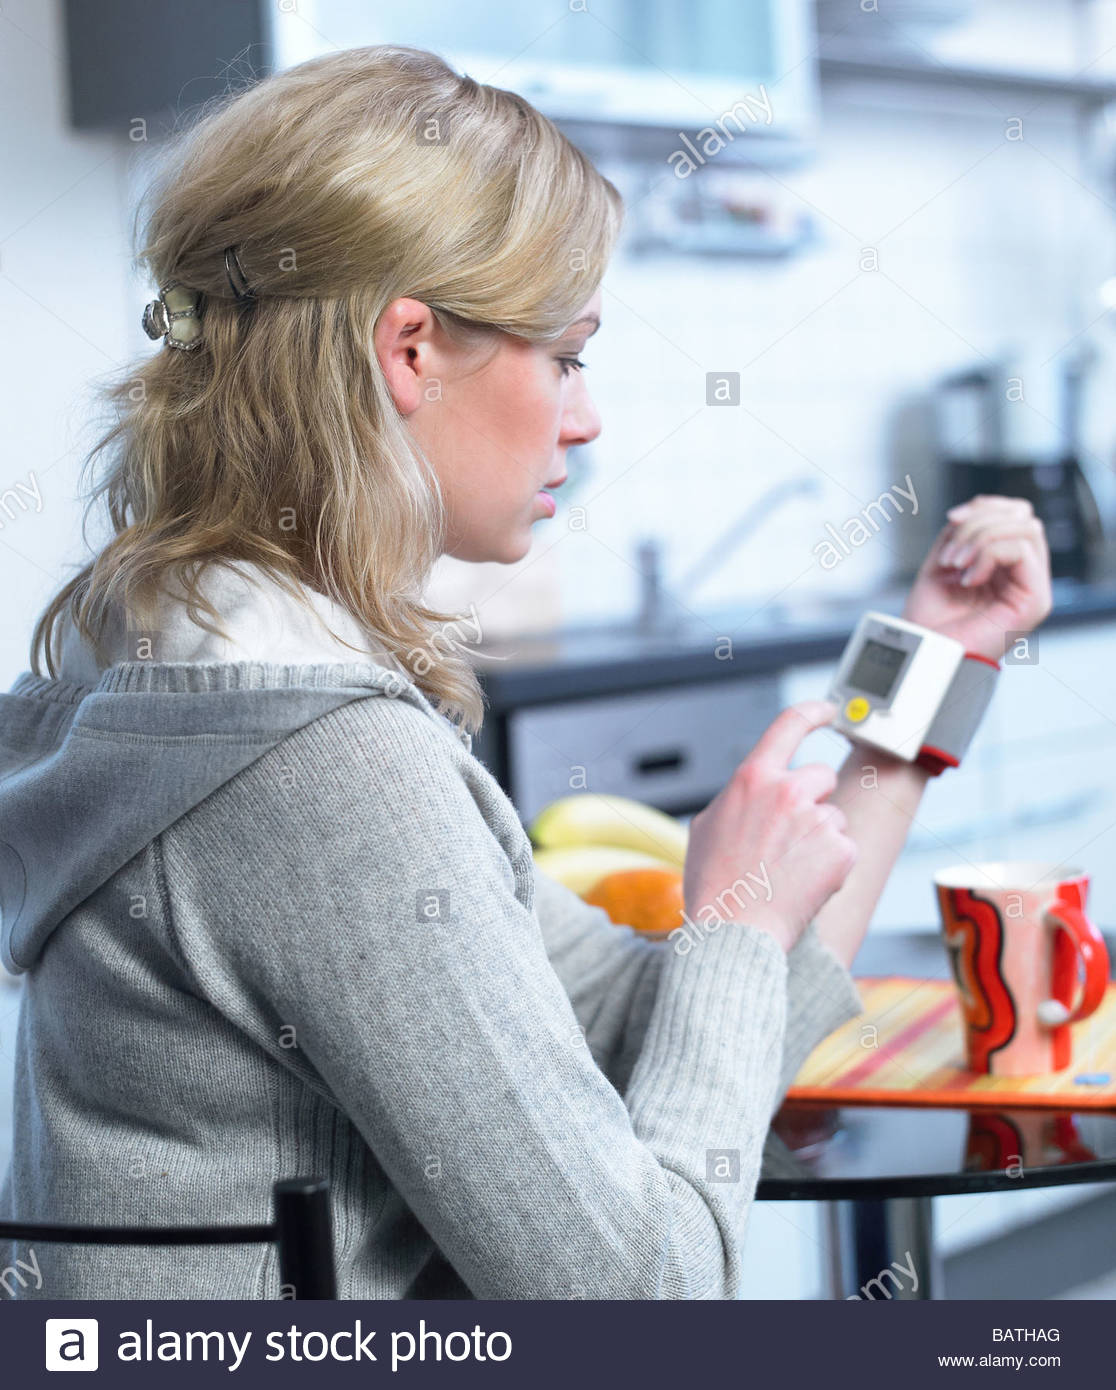 Frau unter Blutdruck Stockbild